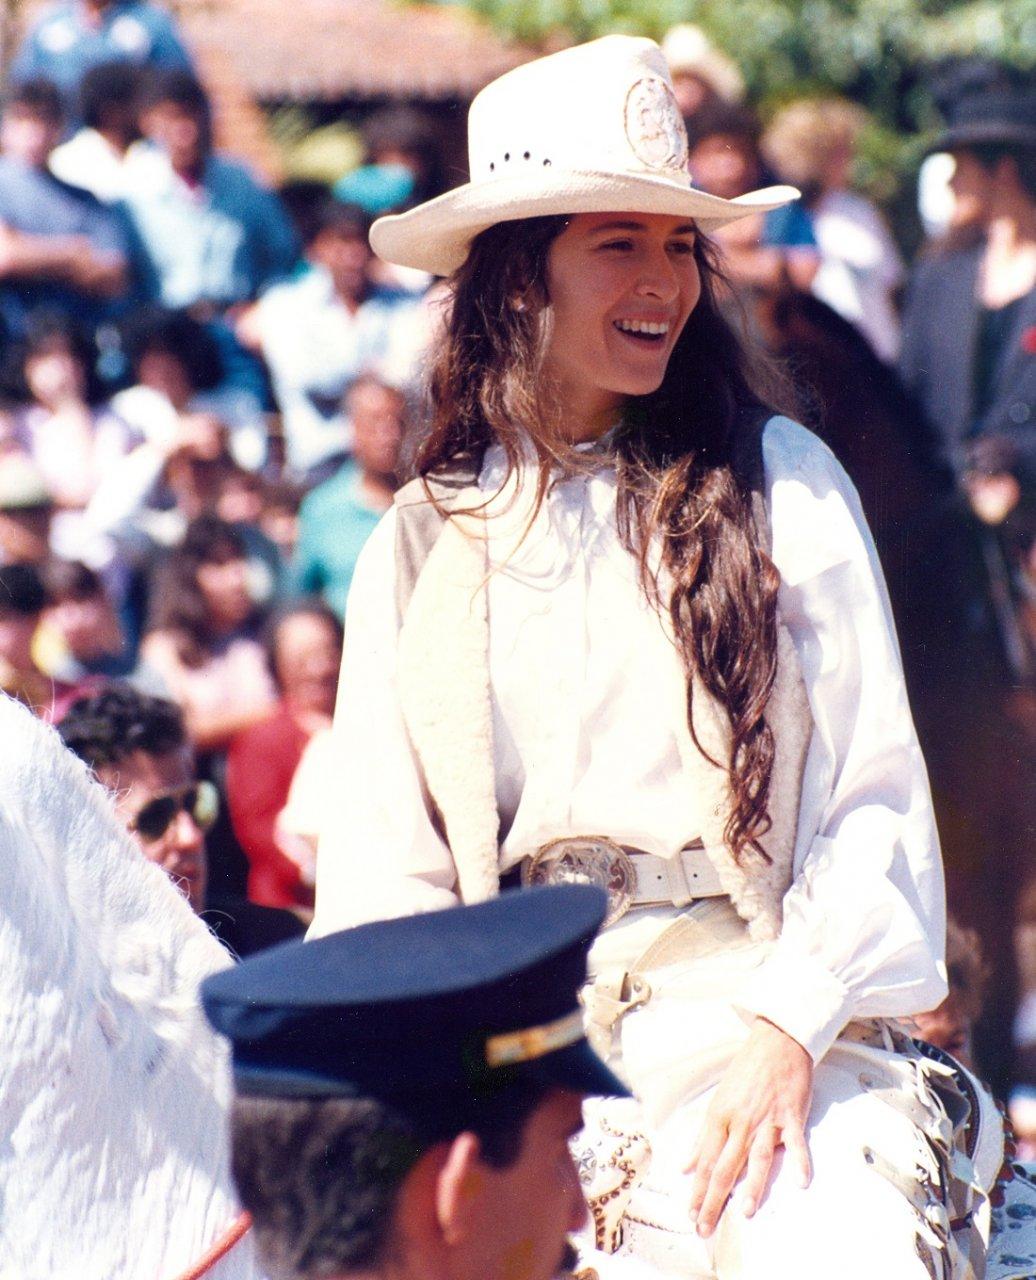 Ingra Liberato, que interpretava Ana Raio, mostrou muita simpatia no desfile que aconteceu no Centro Cultural